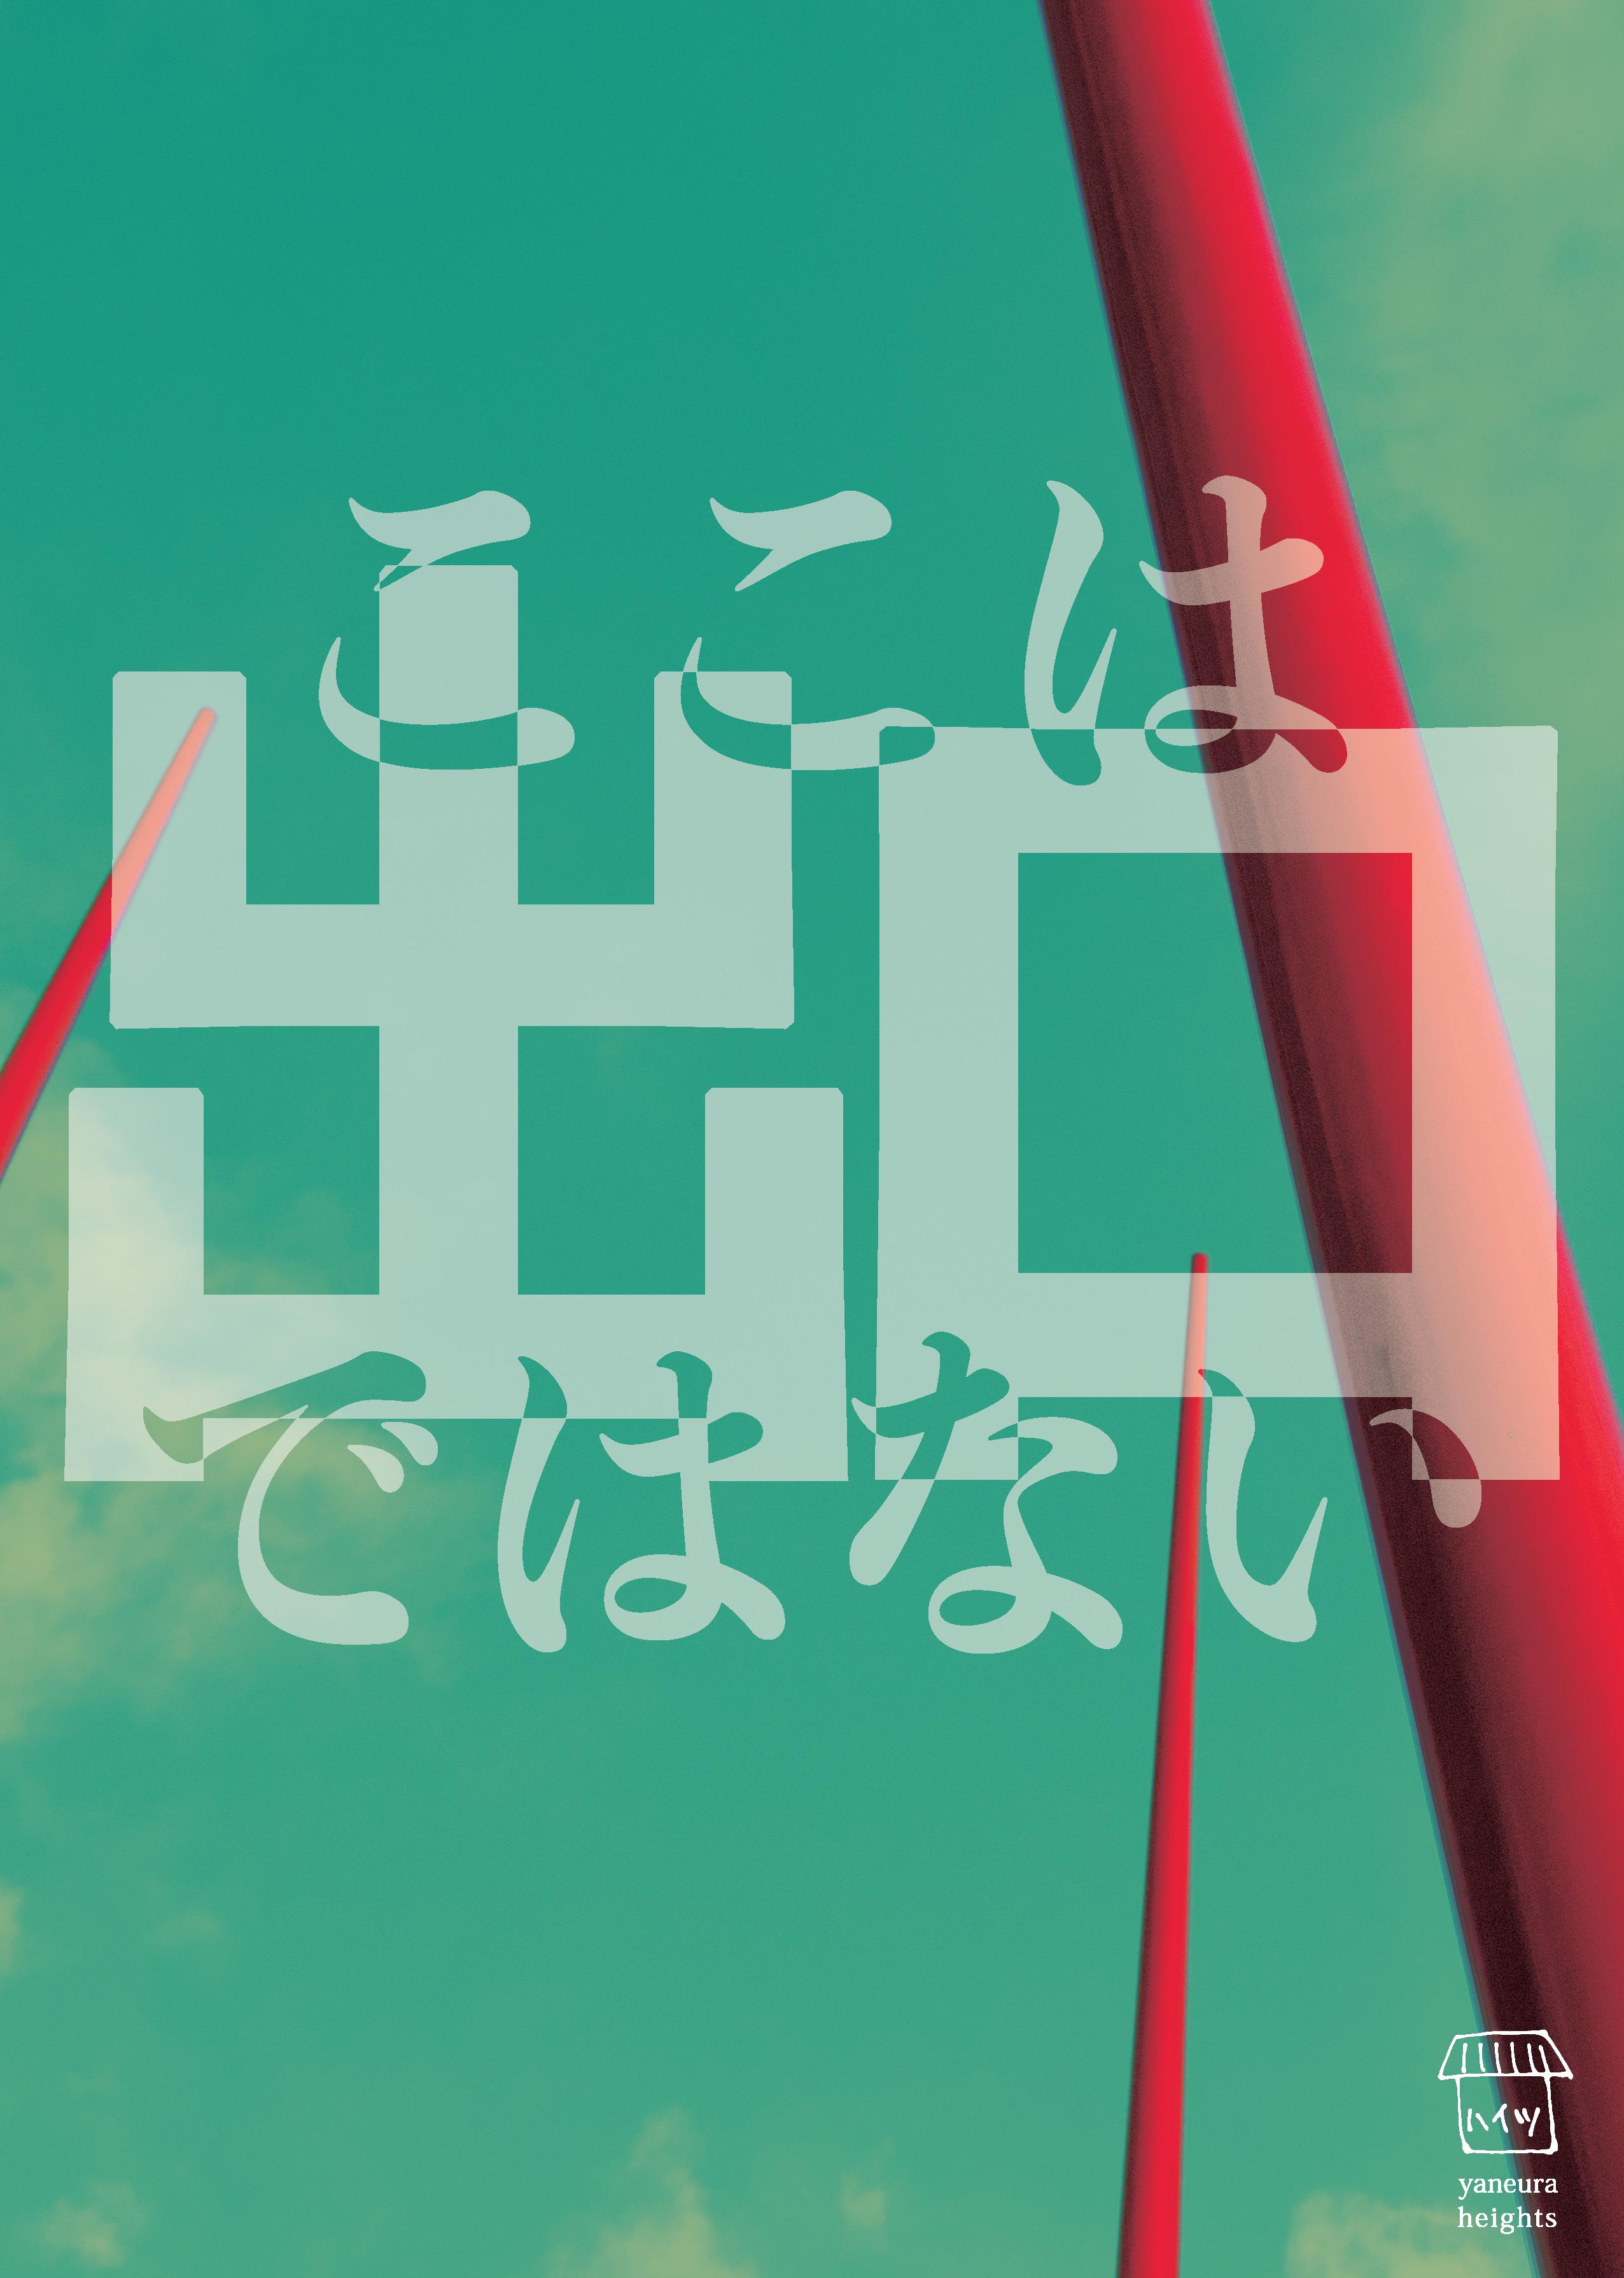 屋根裏ハイツ5F 『ここは出口ではない』仙台公演 12/16